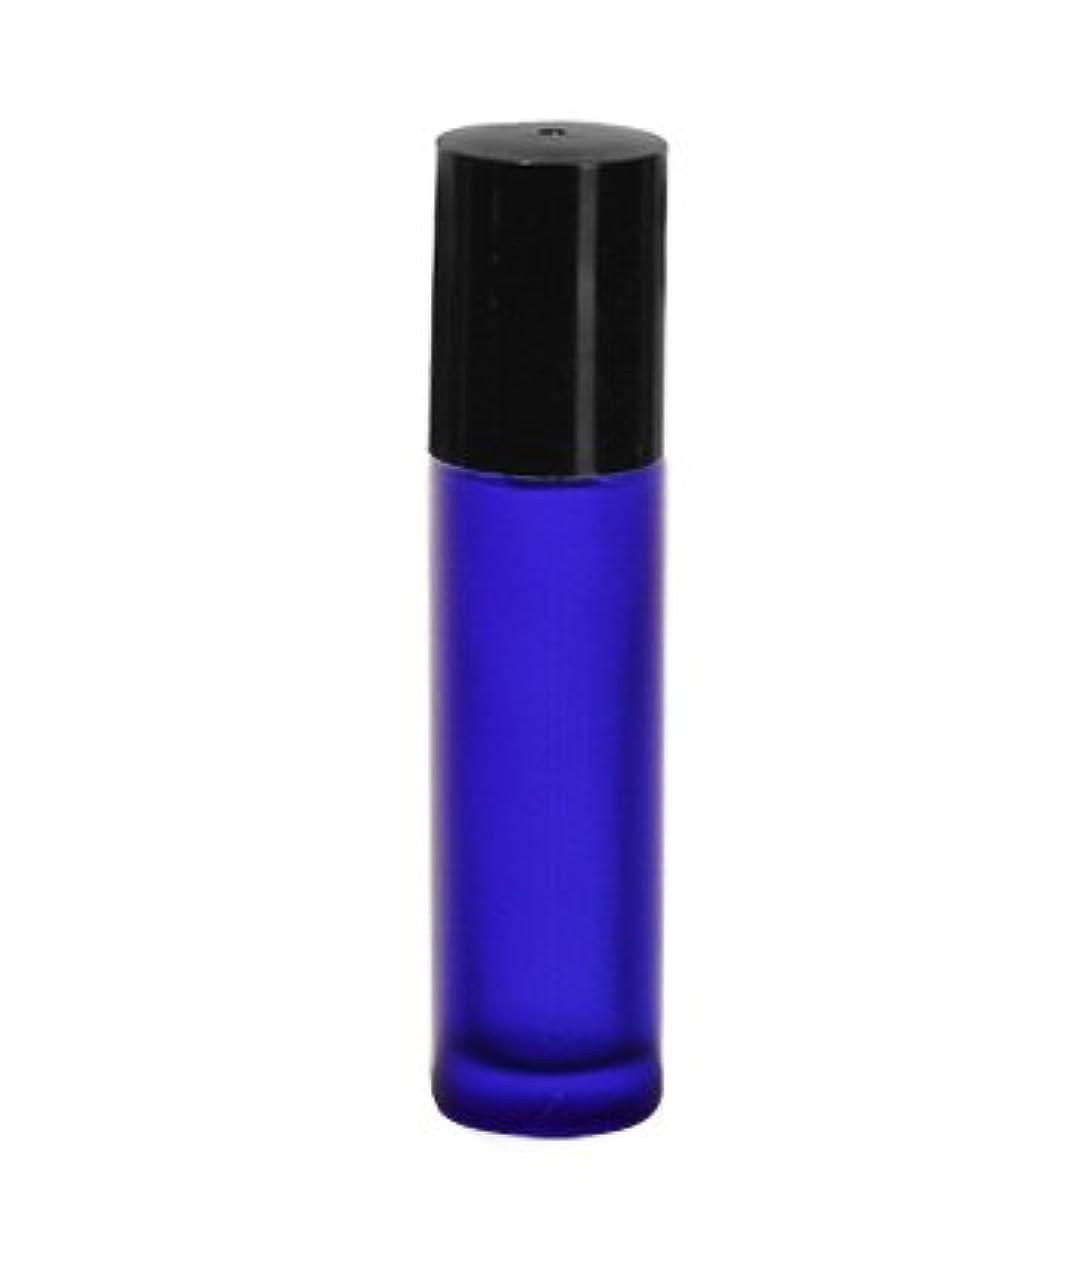 咽頭スライム露フロストコバルトガラスボトル?ロールオン[10ml]/1個